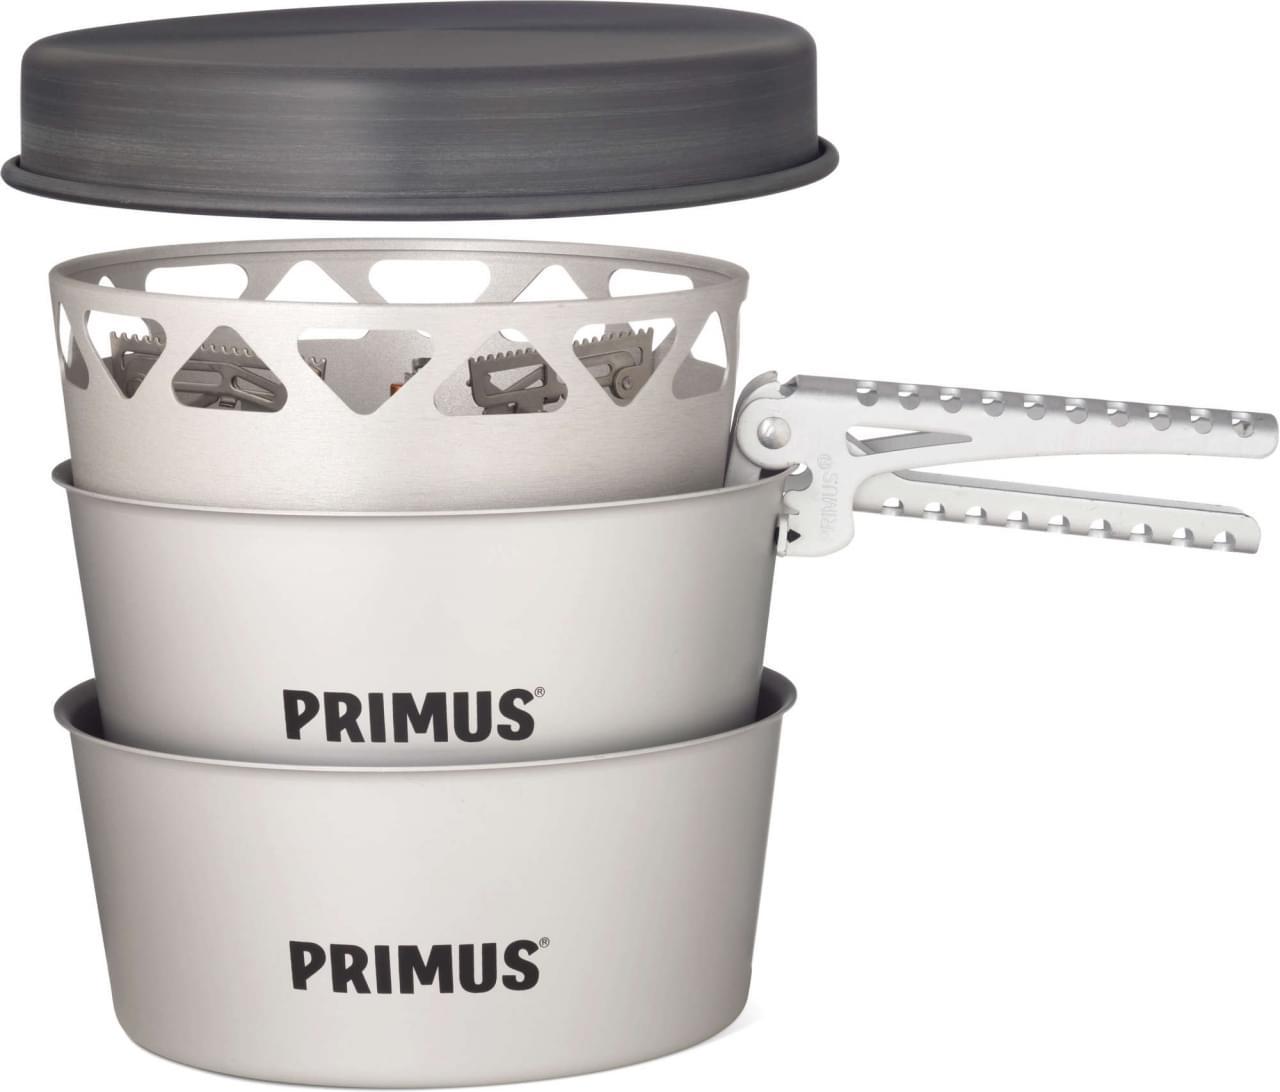 Primus Essential Stove Set 1.3L Pannenset